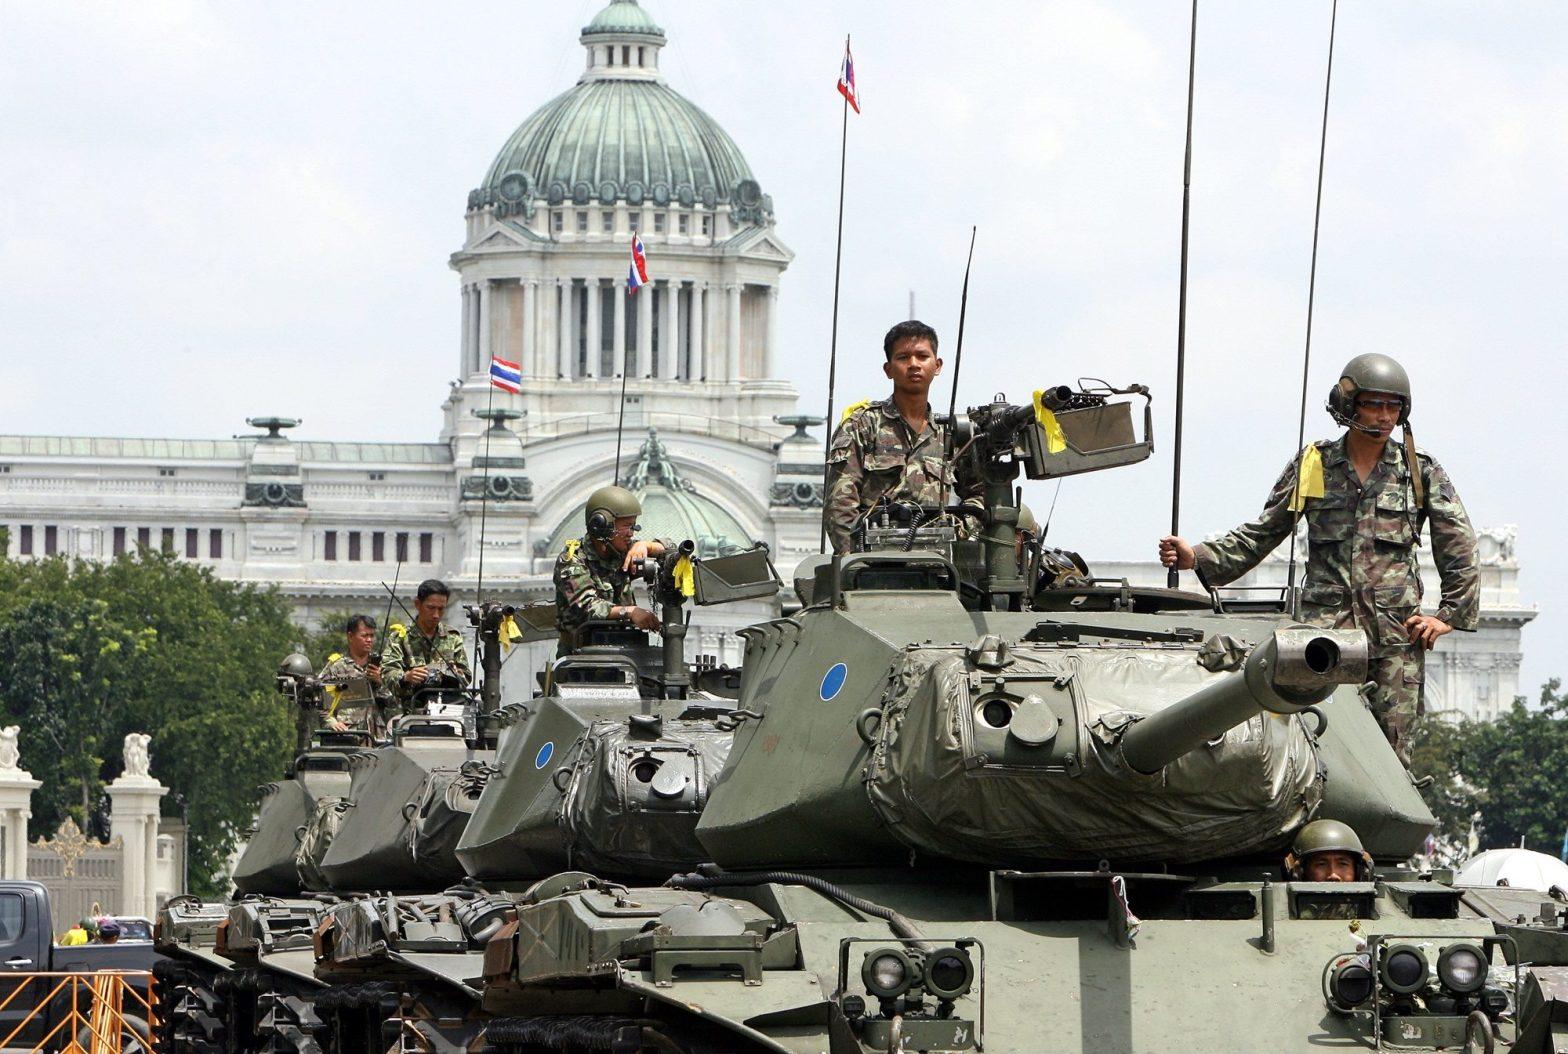 Los militares portan el distintivo lazo amarillo monárquico durante el golpe de estado de 2006 en la Plaza Real de Bangkok, de fondo el Salón del Trono Ananta Samakhom del Palacio Dusit| Fuente: Saeed Khan / AFP